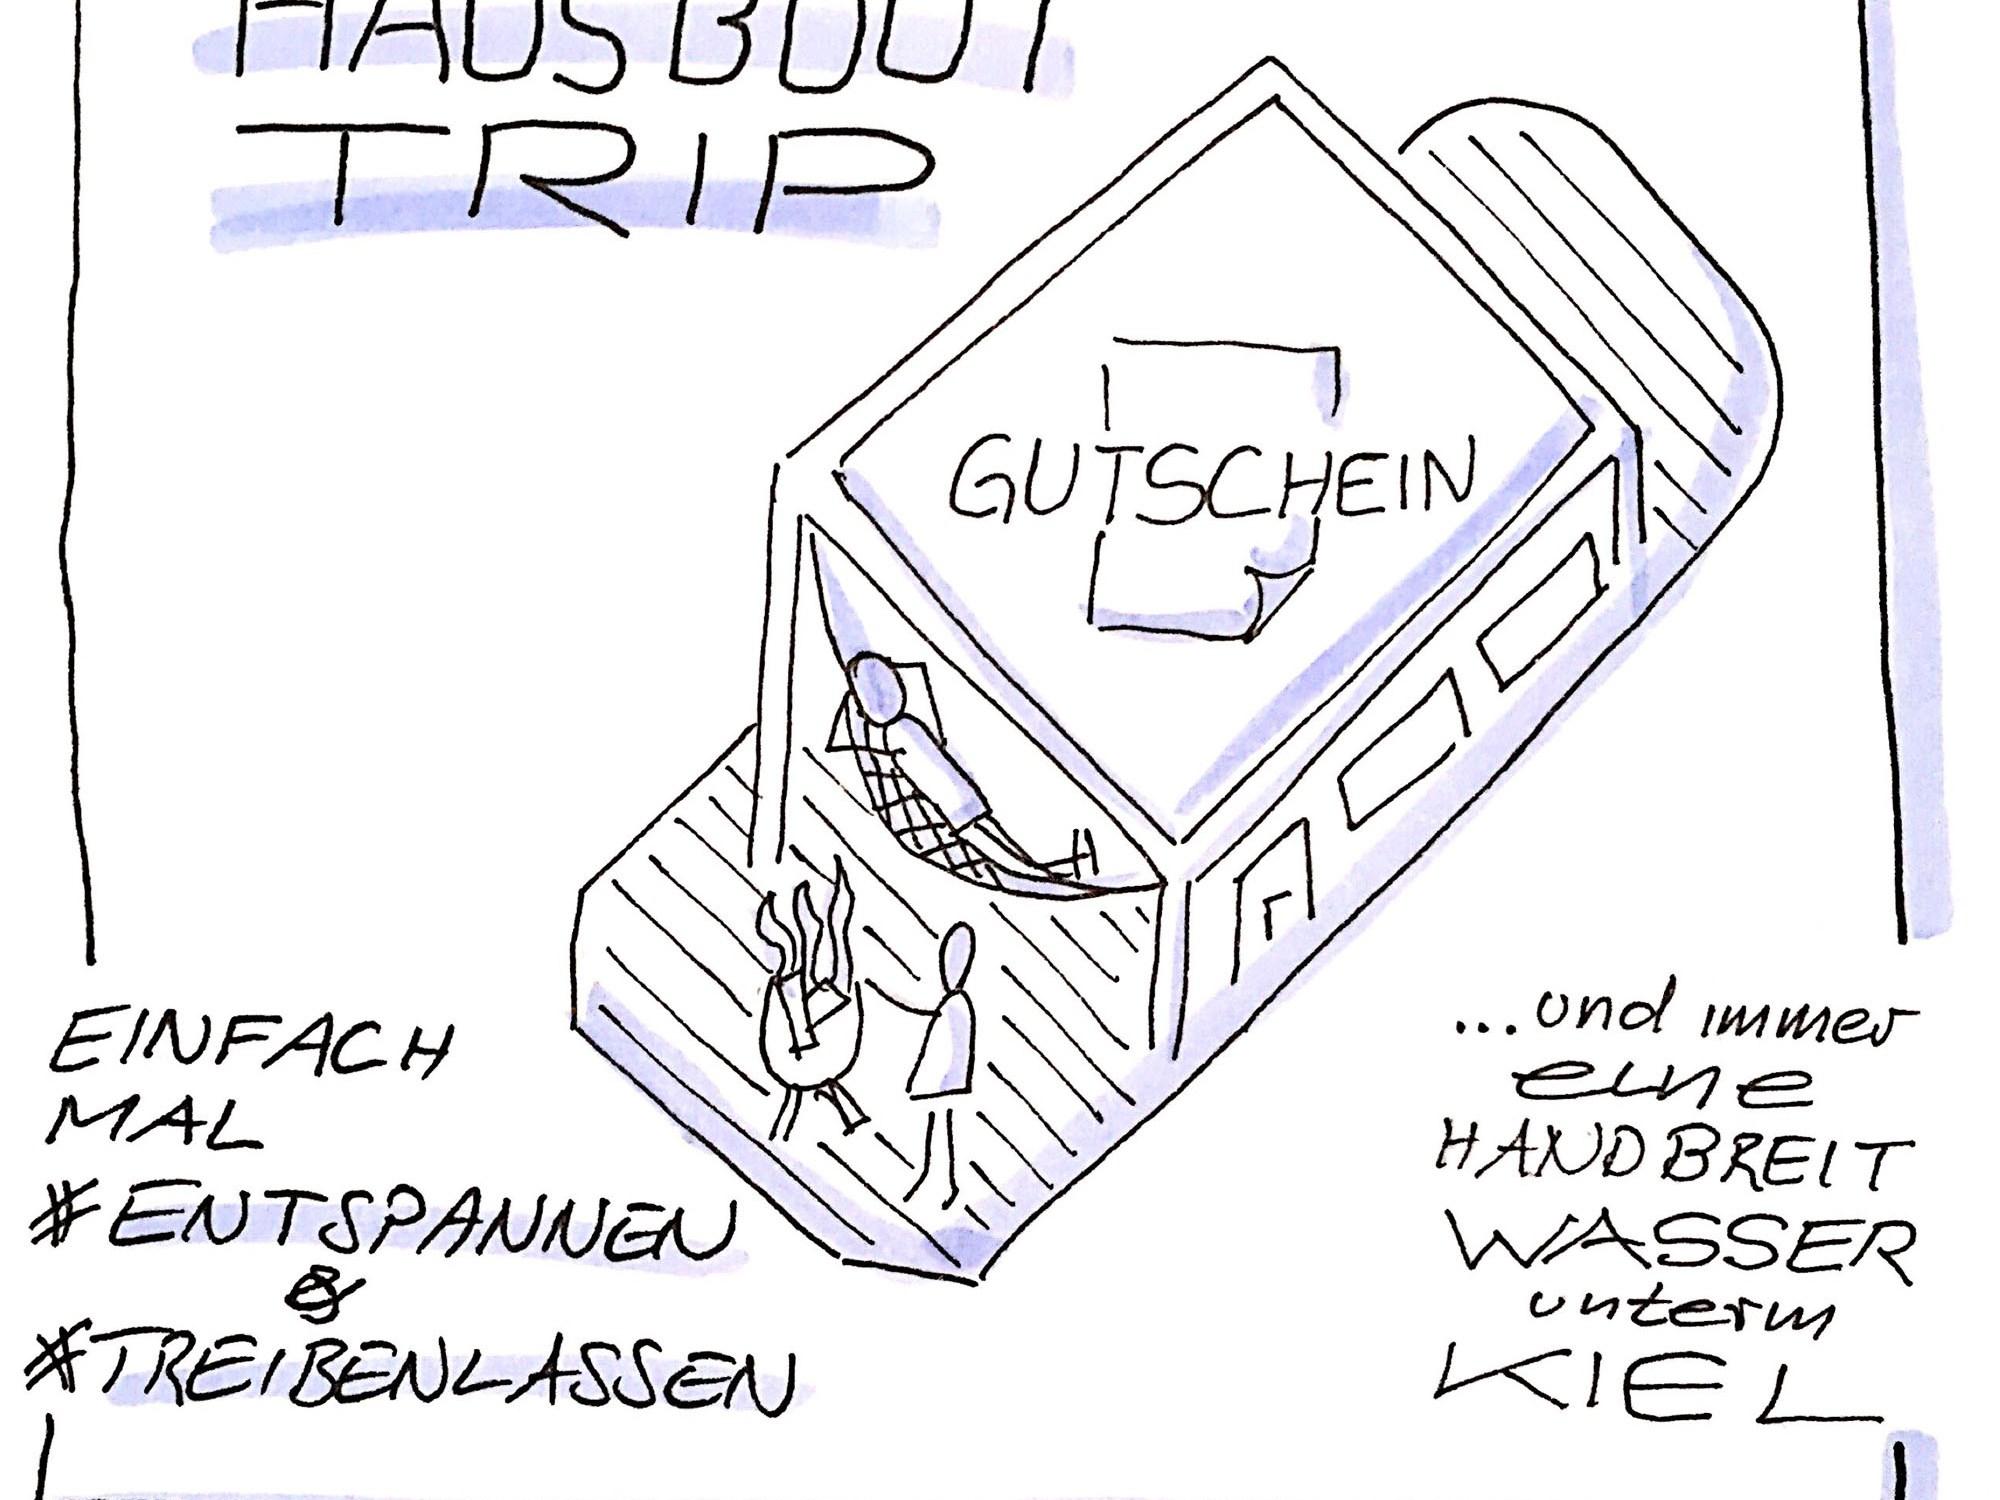 Bootsfahrt Gutschein Sketchnotes.info